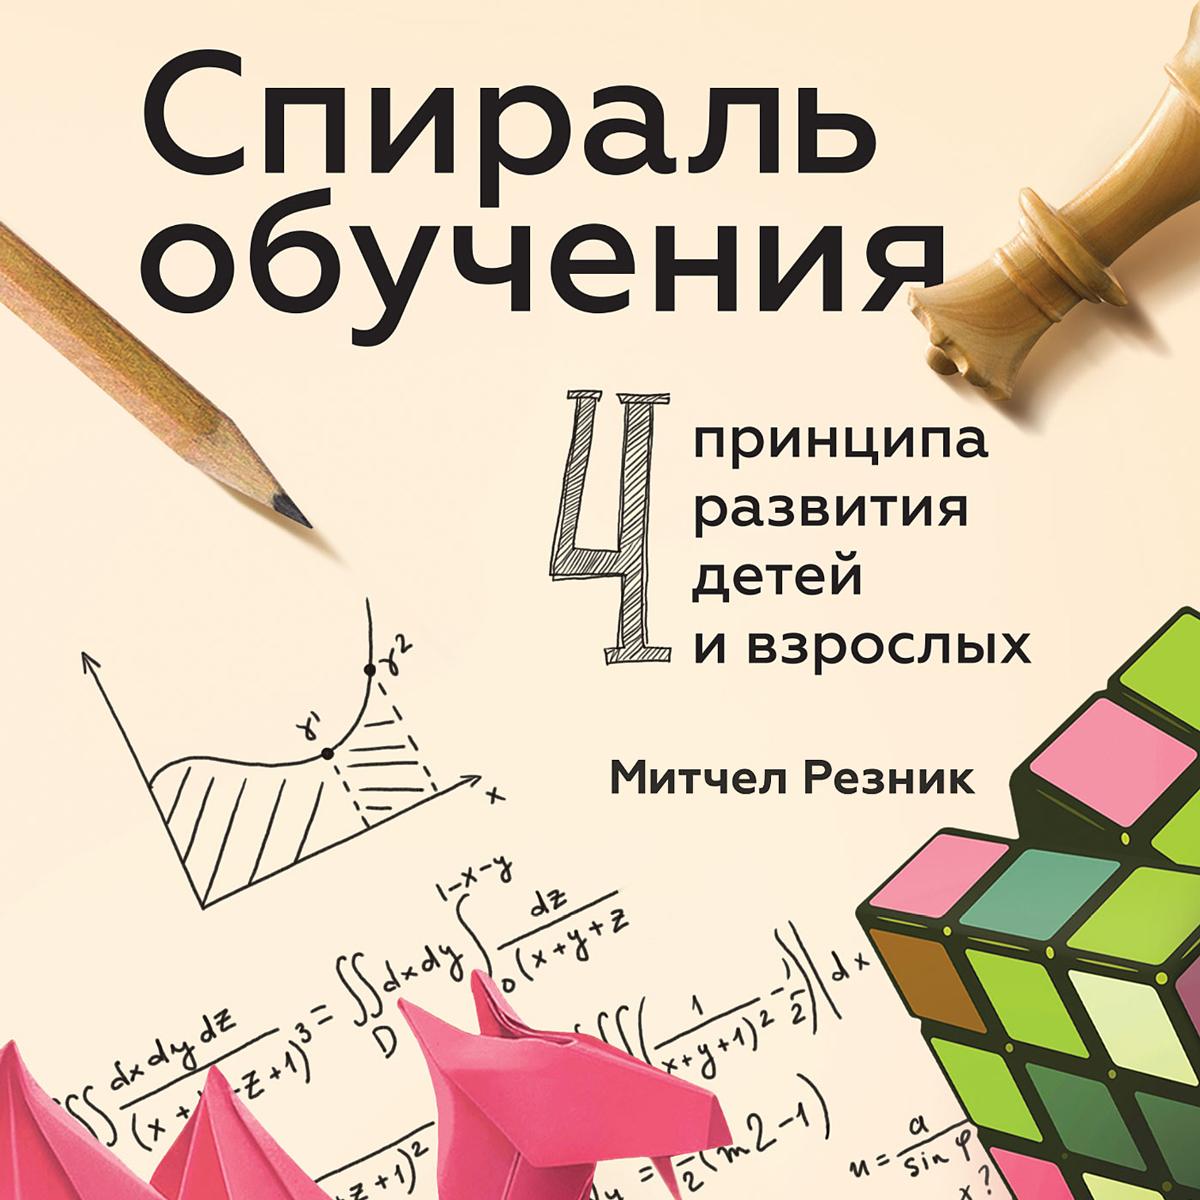 Митчел Резник Спираль обучения. 4 принципа развития детей и взрослых